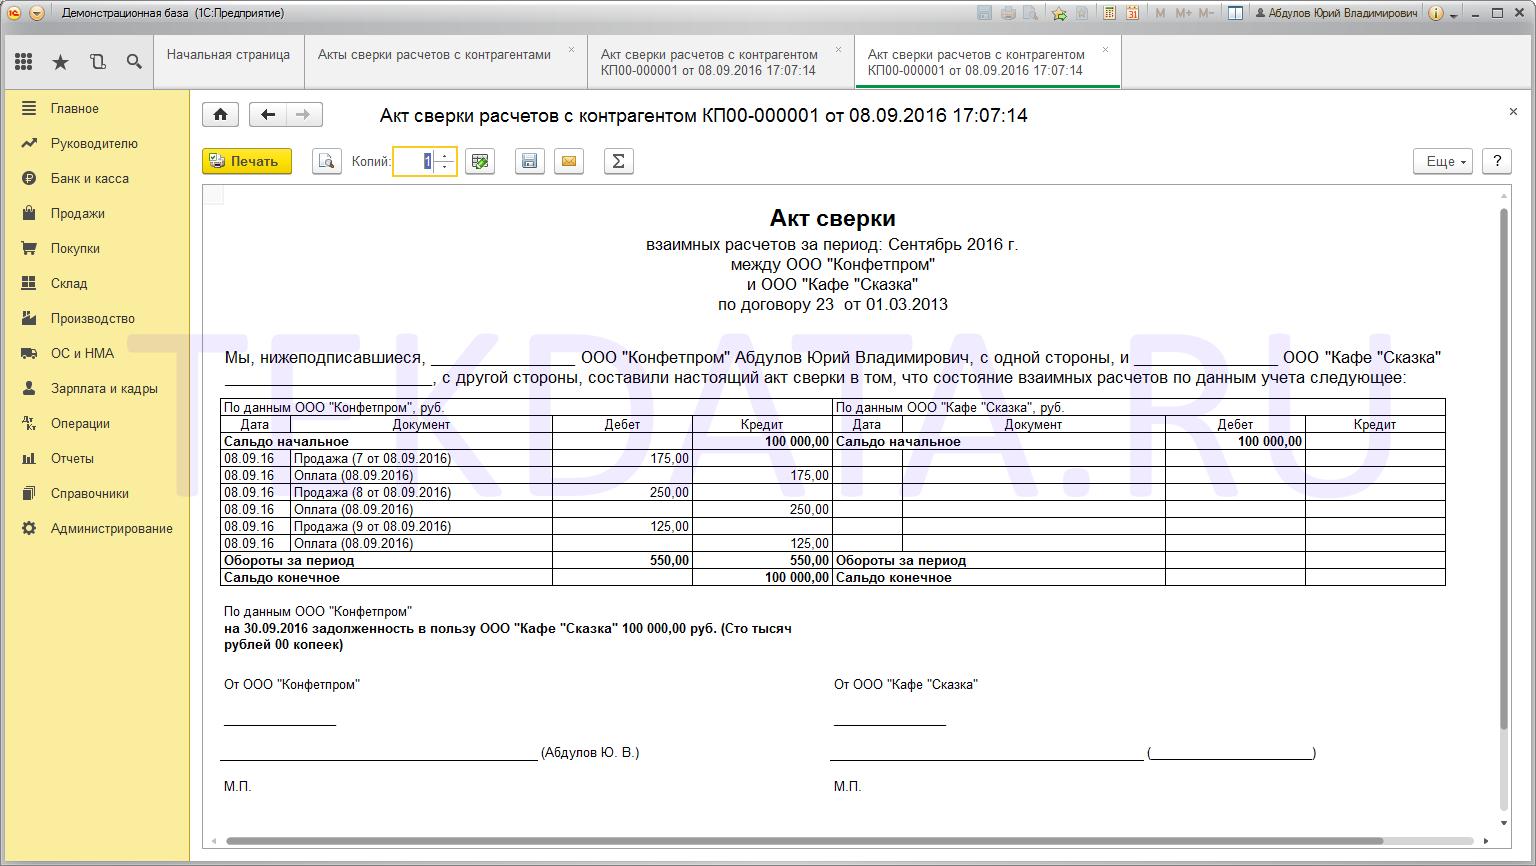 Инструкция по формированию акта сверки взаиморасчетов в 1С 8.3 | tekdata.ru